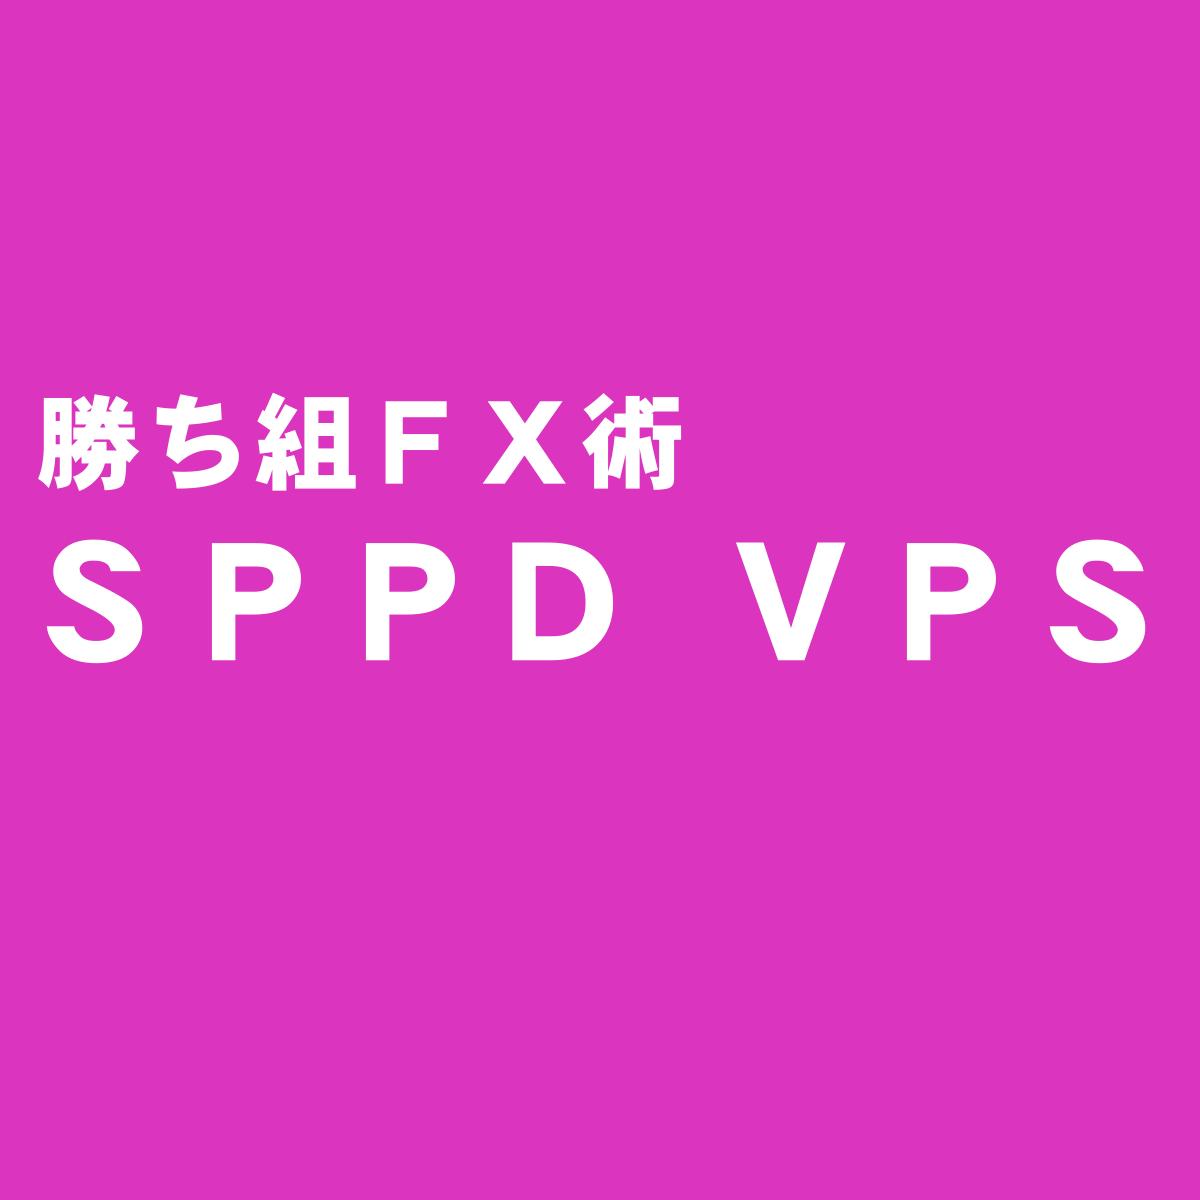 SPPD VPS